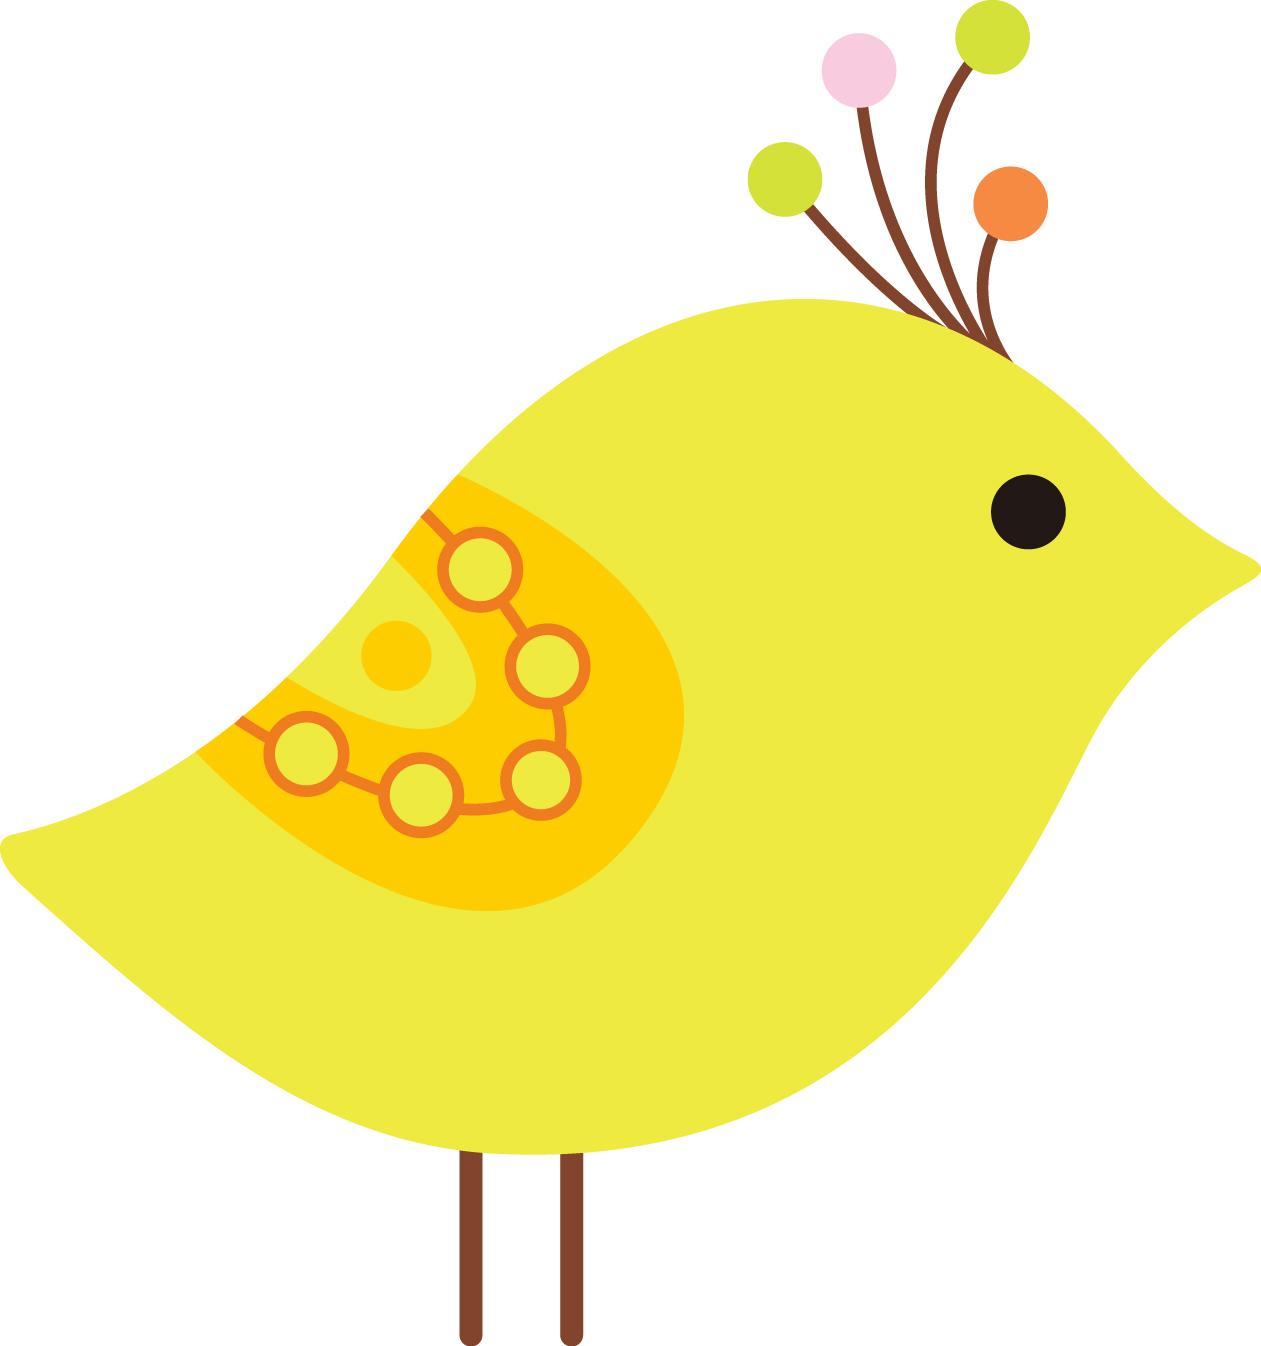 hight resolution of 1261x1346 yellow bird clip art